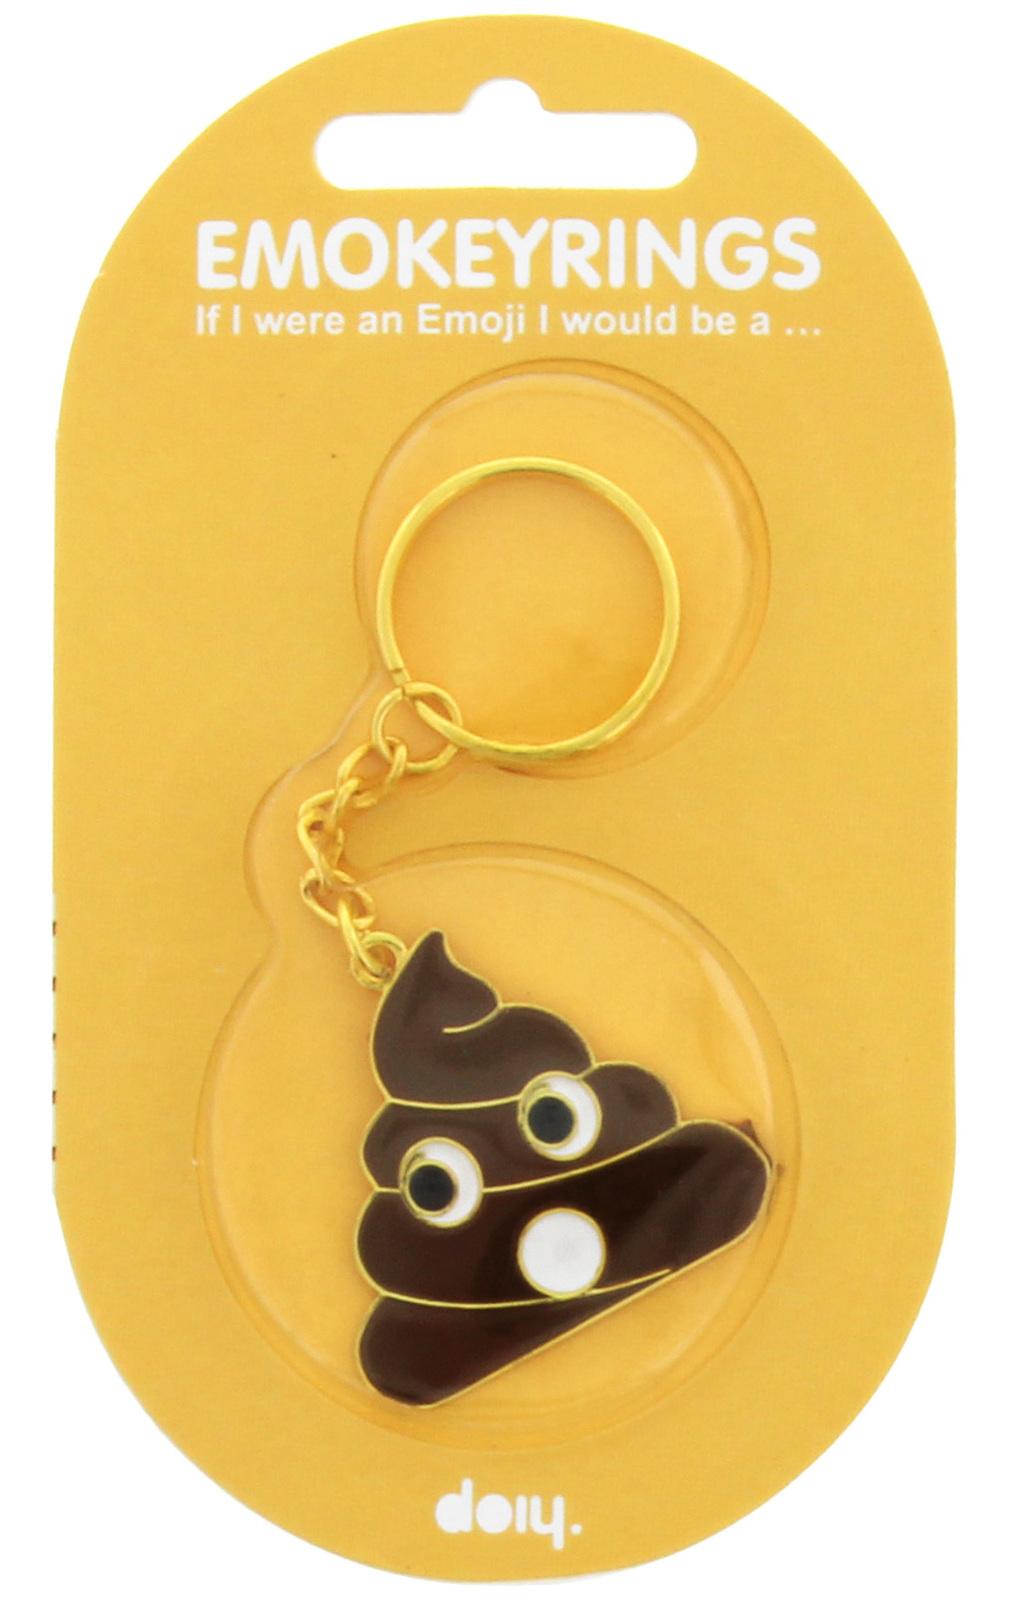 Emokeyrings - Poo Key Ring image